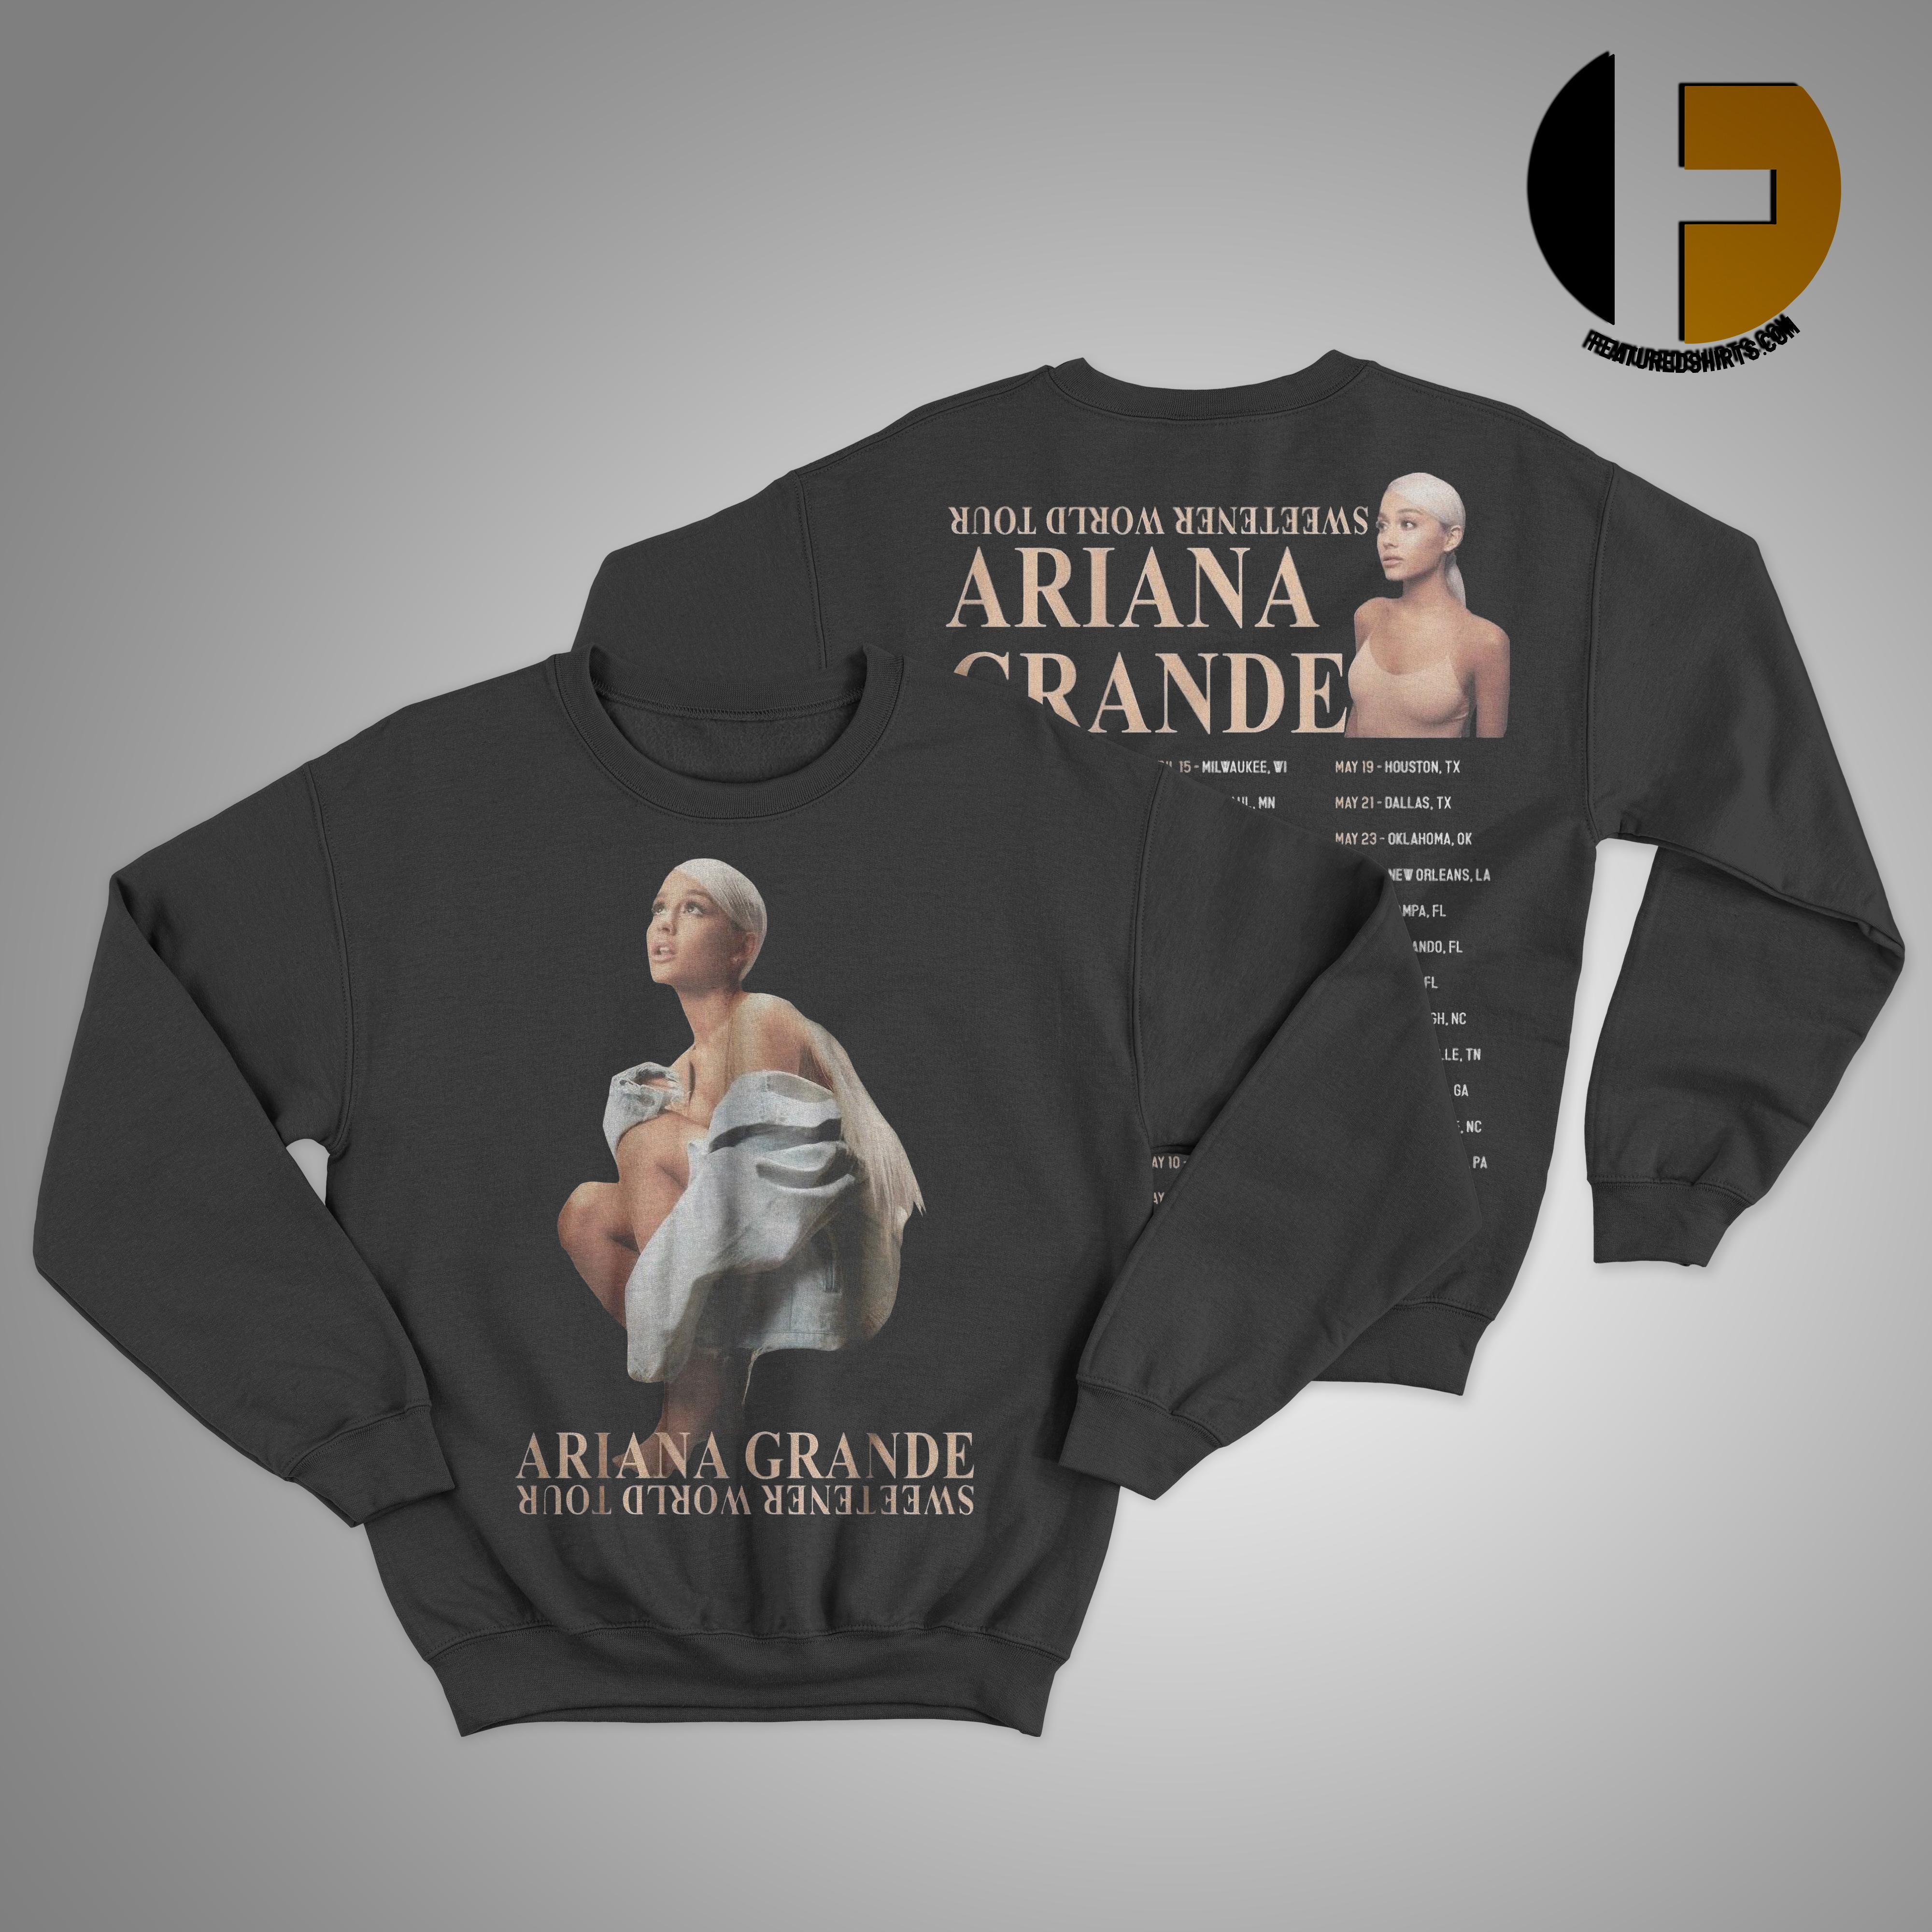 Ariana Grande Sweetener World Tour 2019 Sweater